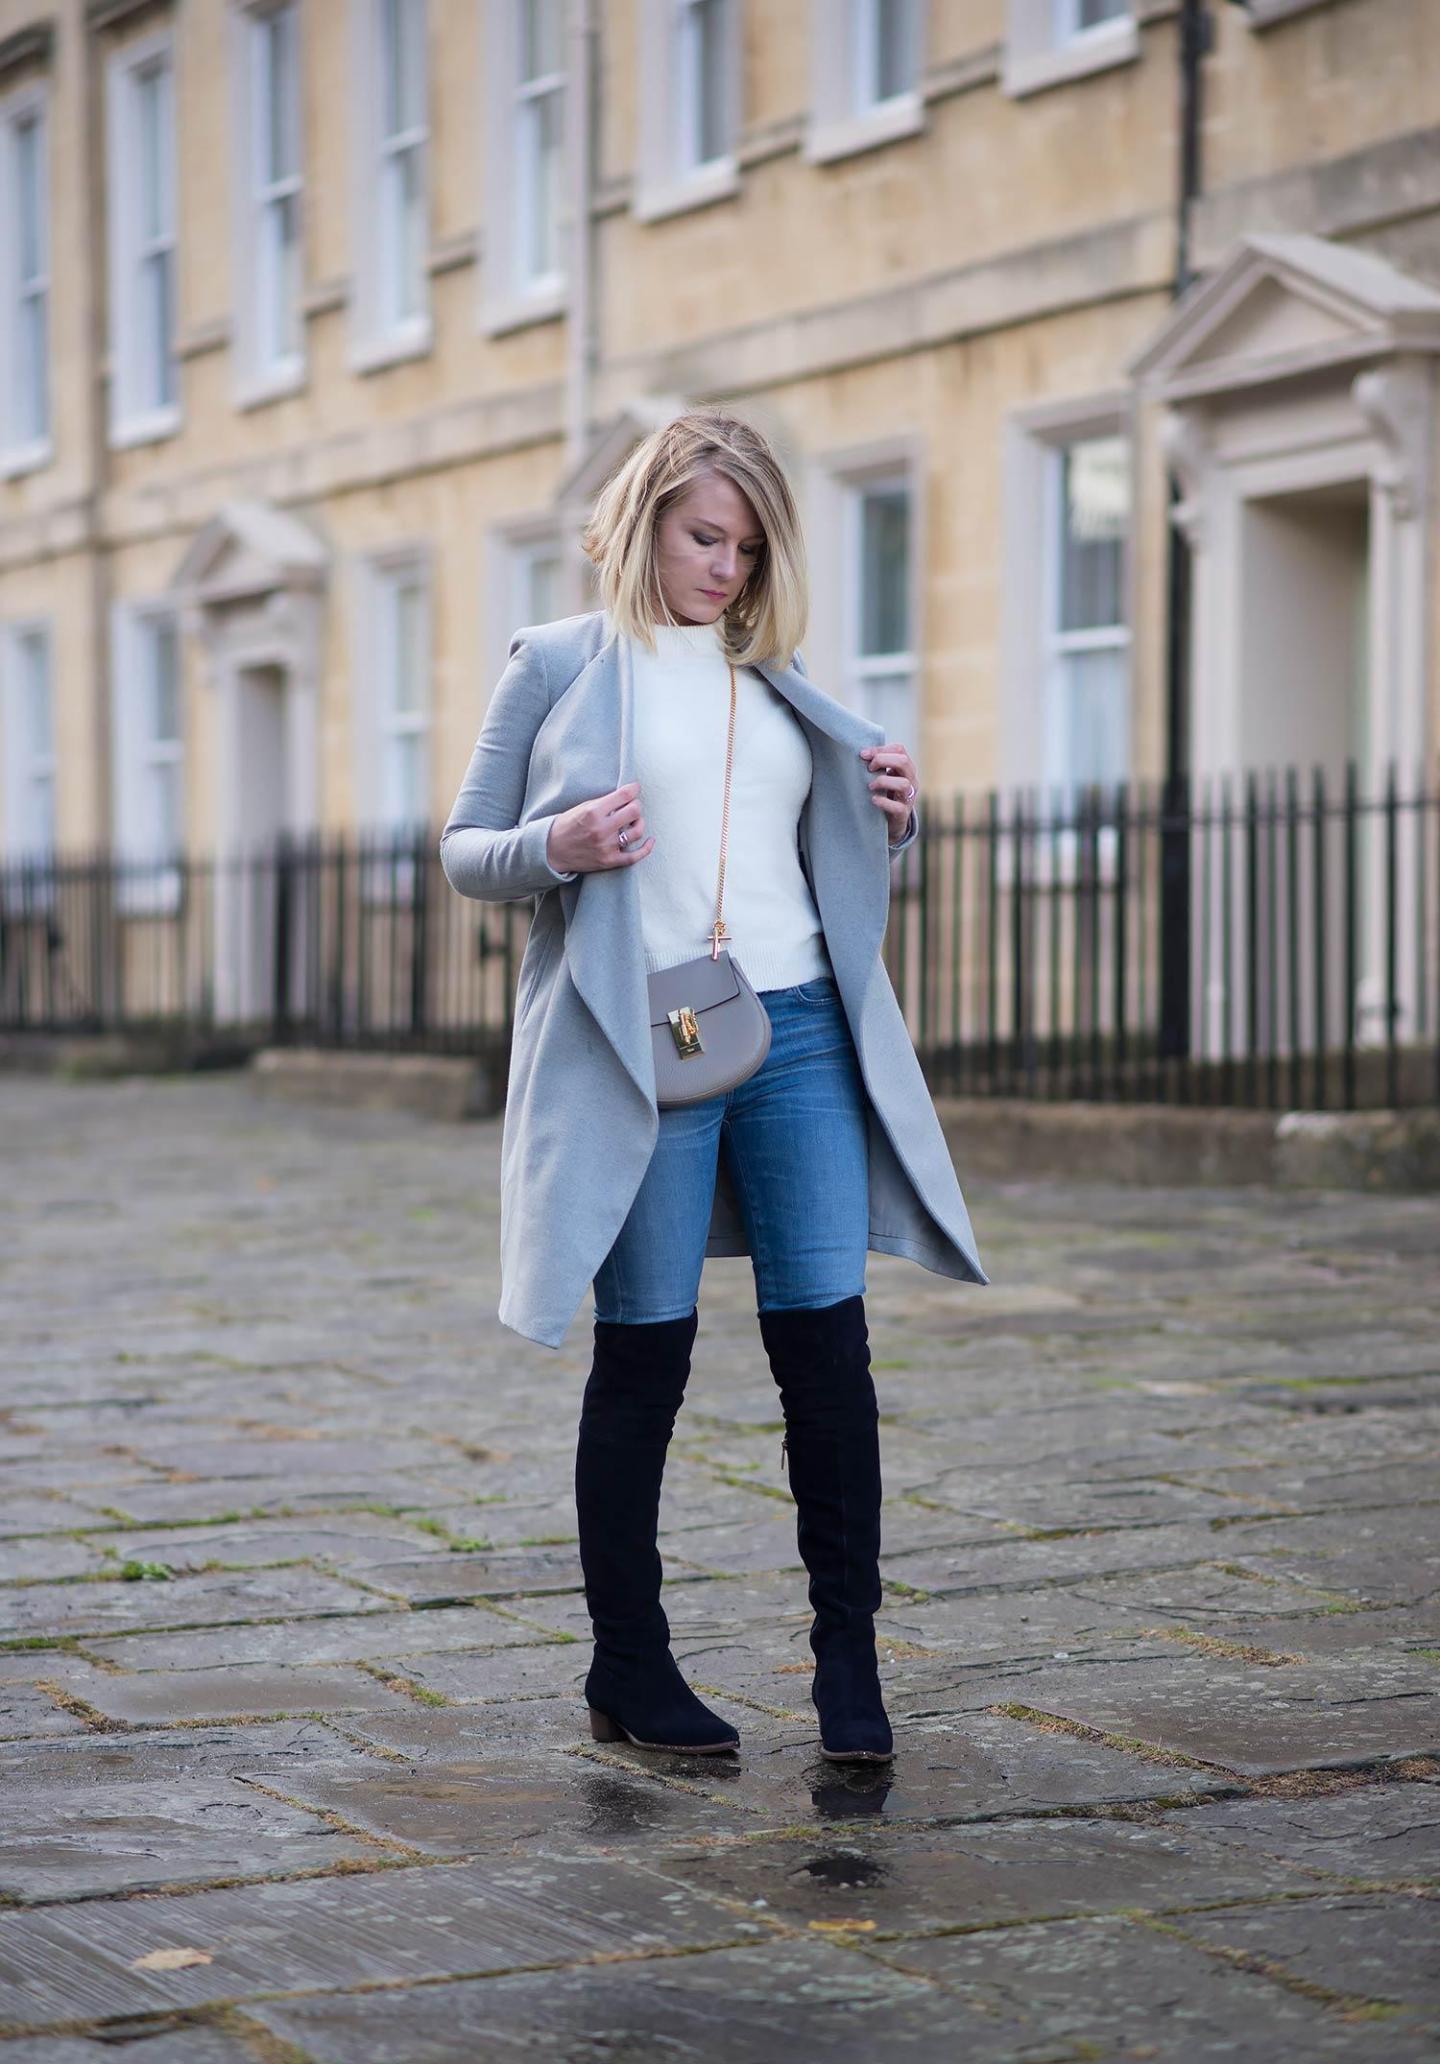 lorna-burford-jeans-boots